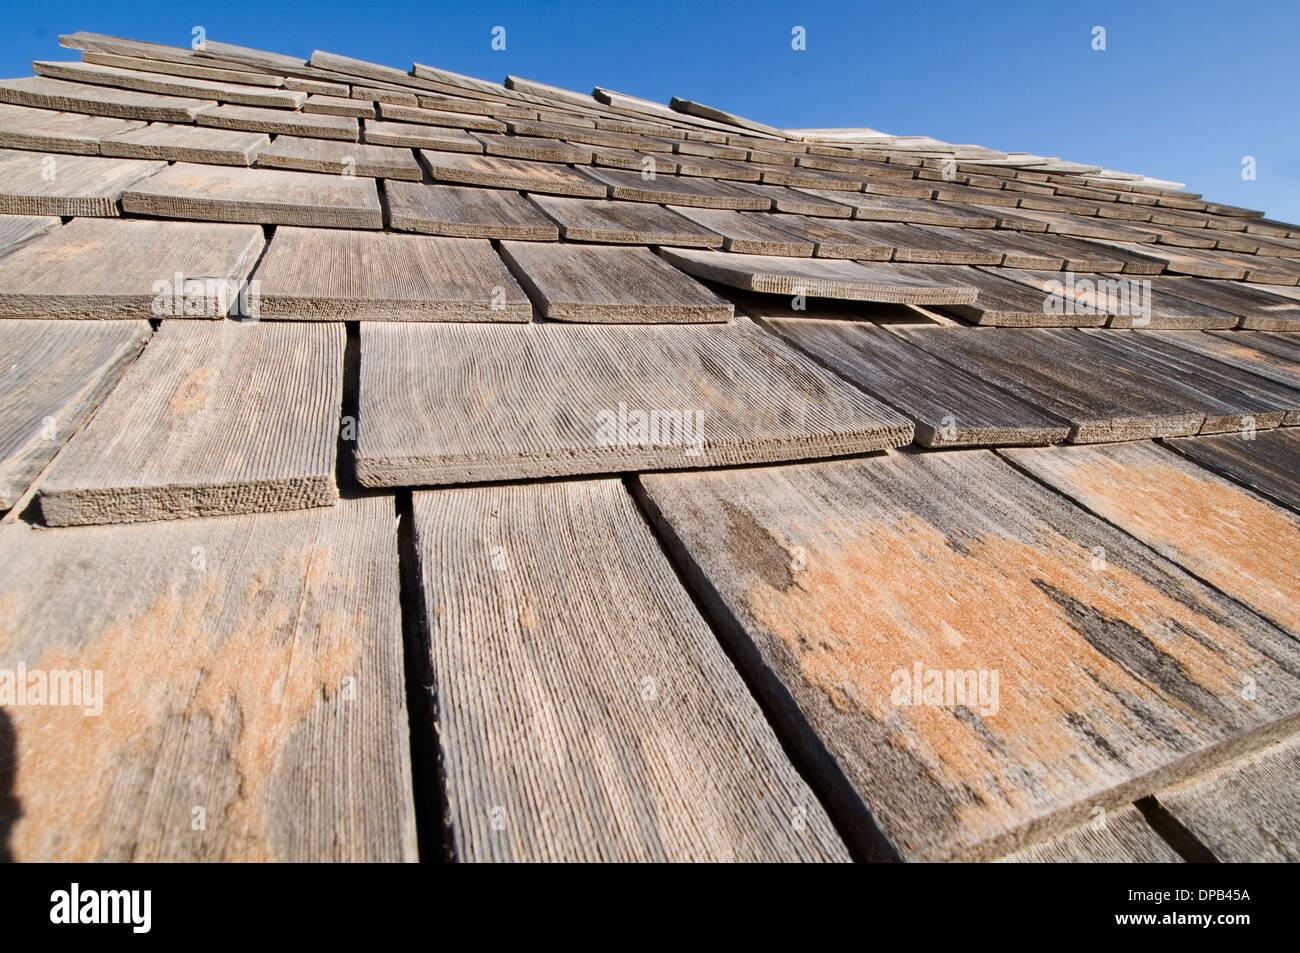 Le assicelle di legno tetti tetto piastrelle piastrelle tradizionali